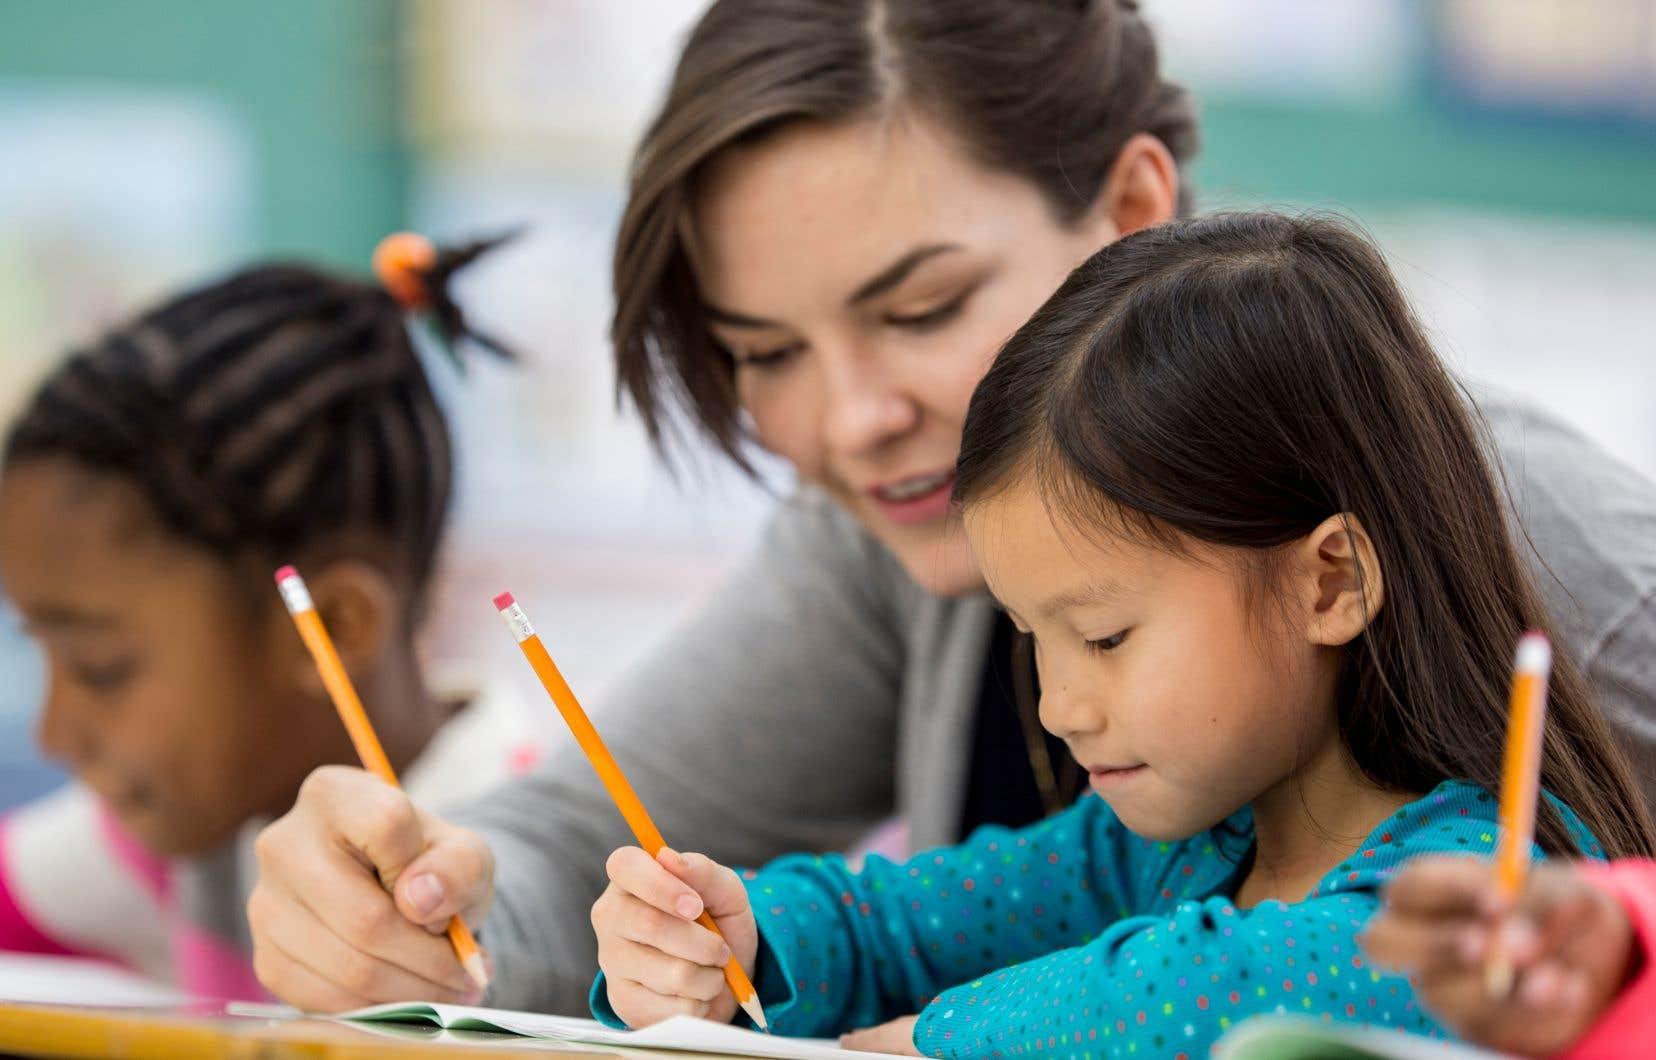 «Ce qui rendra le système scolaire québécois plus équitable, c'est l'attention et le soutien qu'il donnera dès la petite enfance jusqu'à la fin du secondaire à tous les élèves», pensent les auteurs.